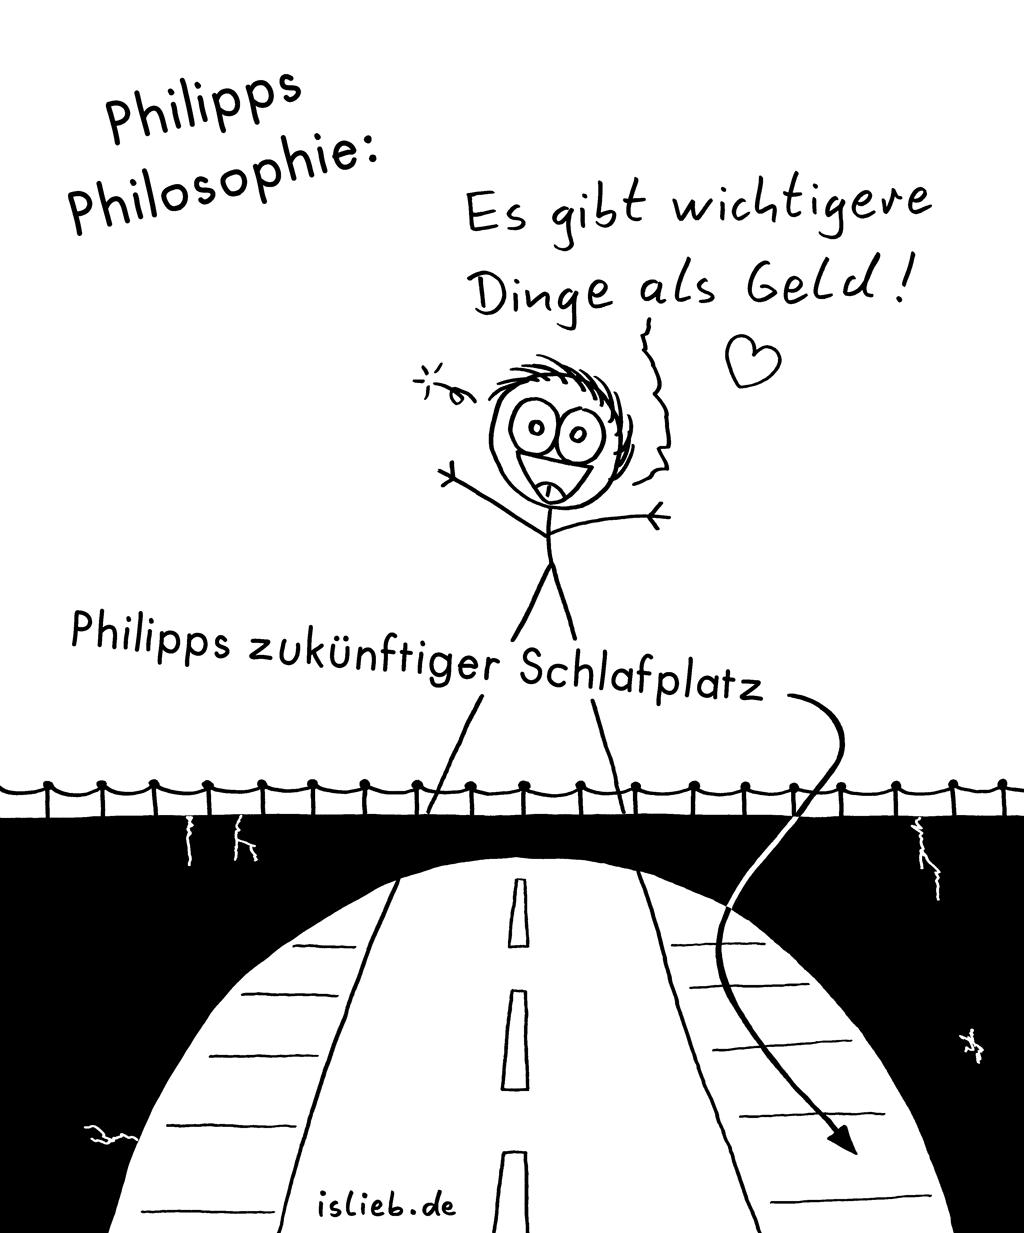 Philosophie | Under The Bridge | is lieb? | Philipps Philosophie: Es gibt wichtigere Dinge als Geld. Philipps zukünftiger Schlafplatz: Unter der Brücke. | Obdachlosigkeit, Obdachloser, Penner, Kapitalismus, Finanzen, Miete, pleite